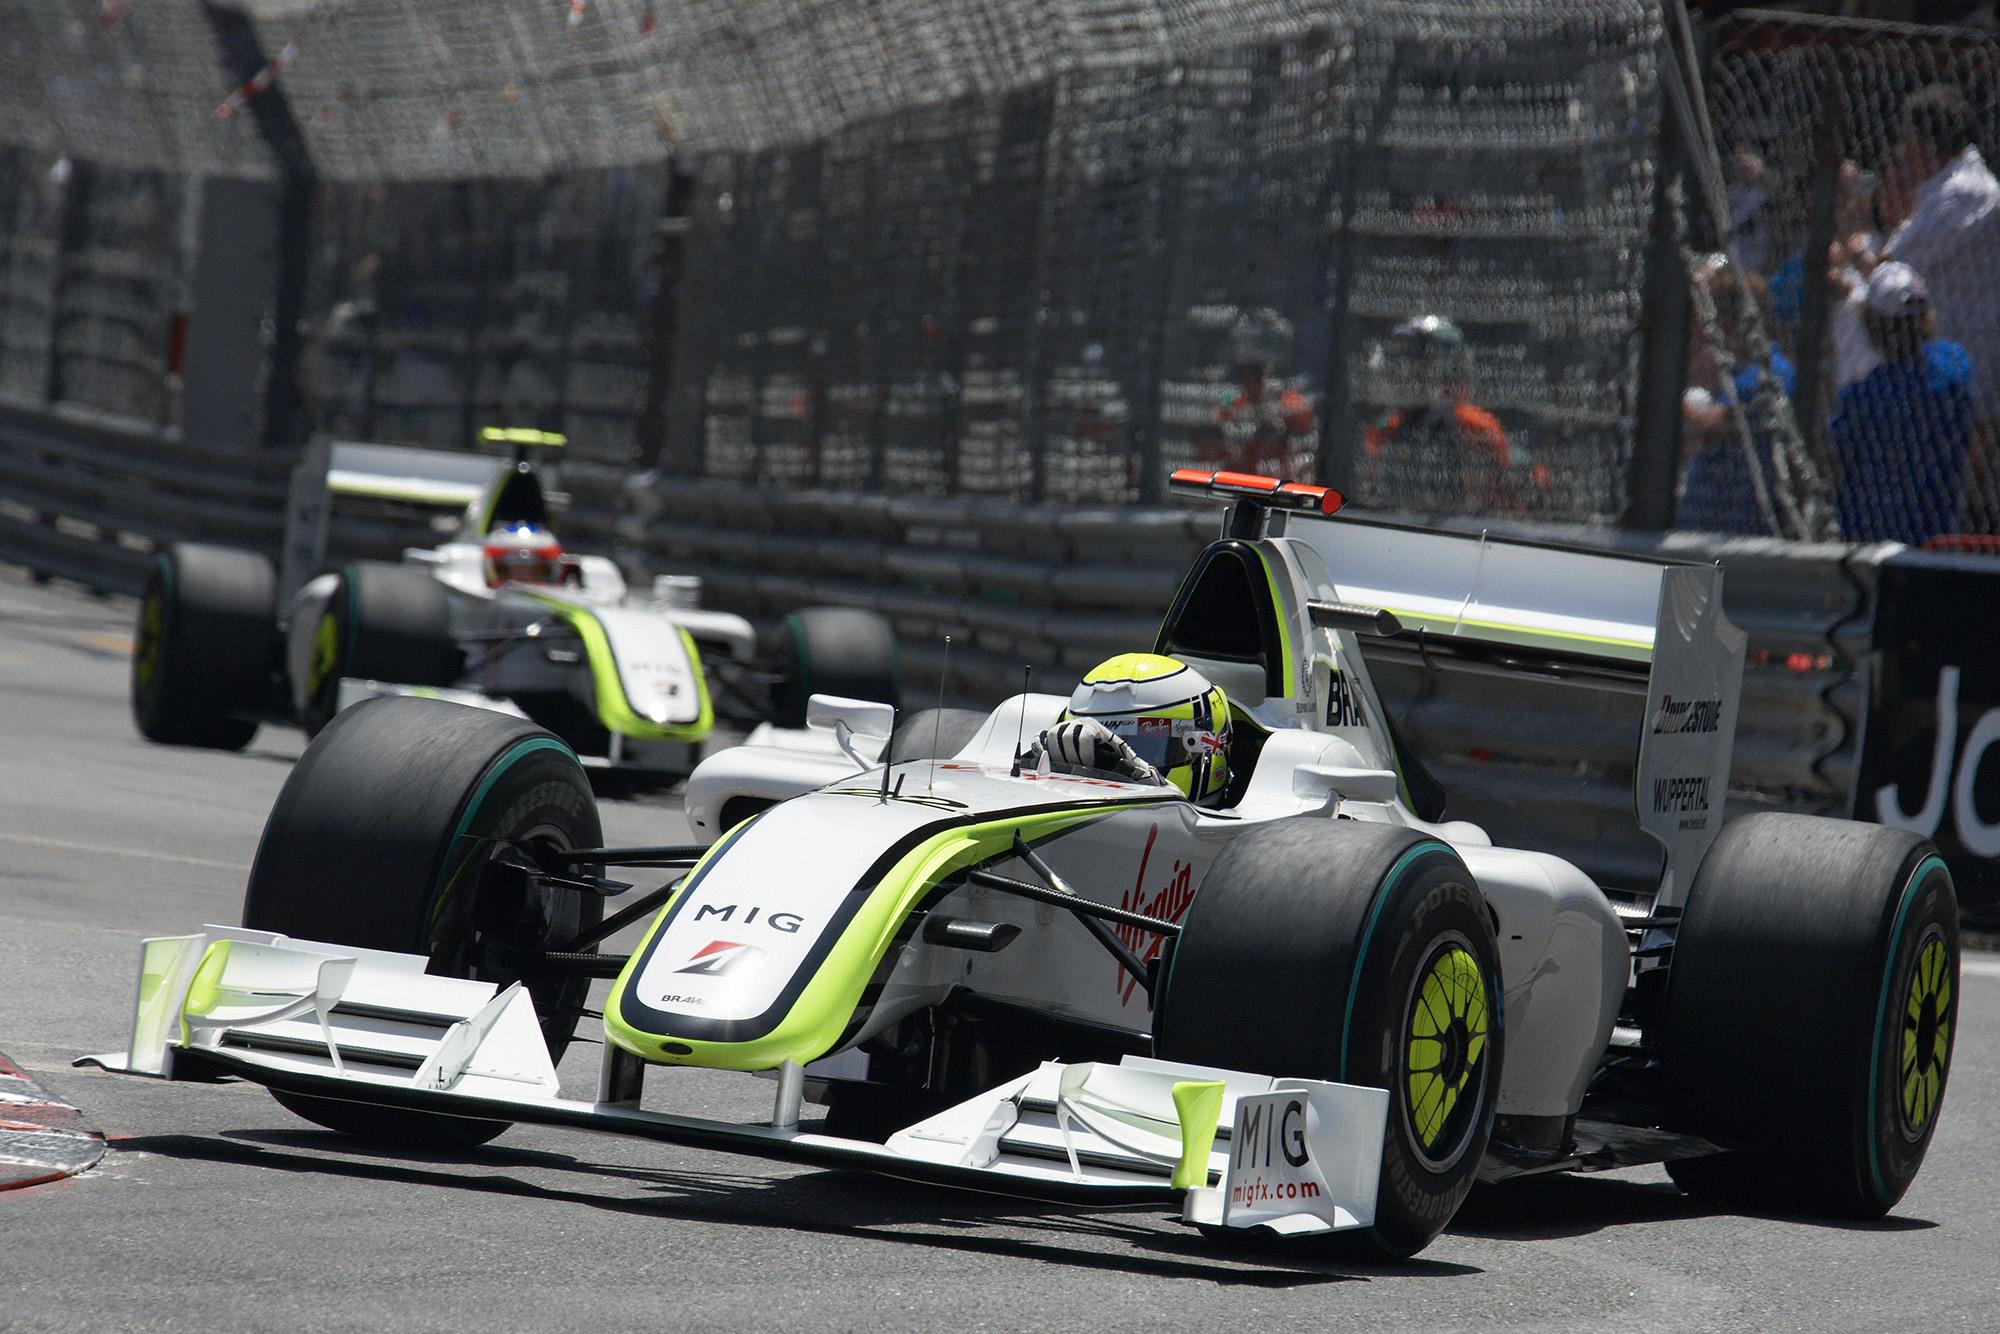 Jenson Button leads Rubens Barrichello for Brawn at the 2009 Monaco GP